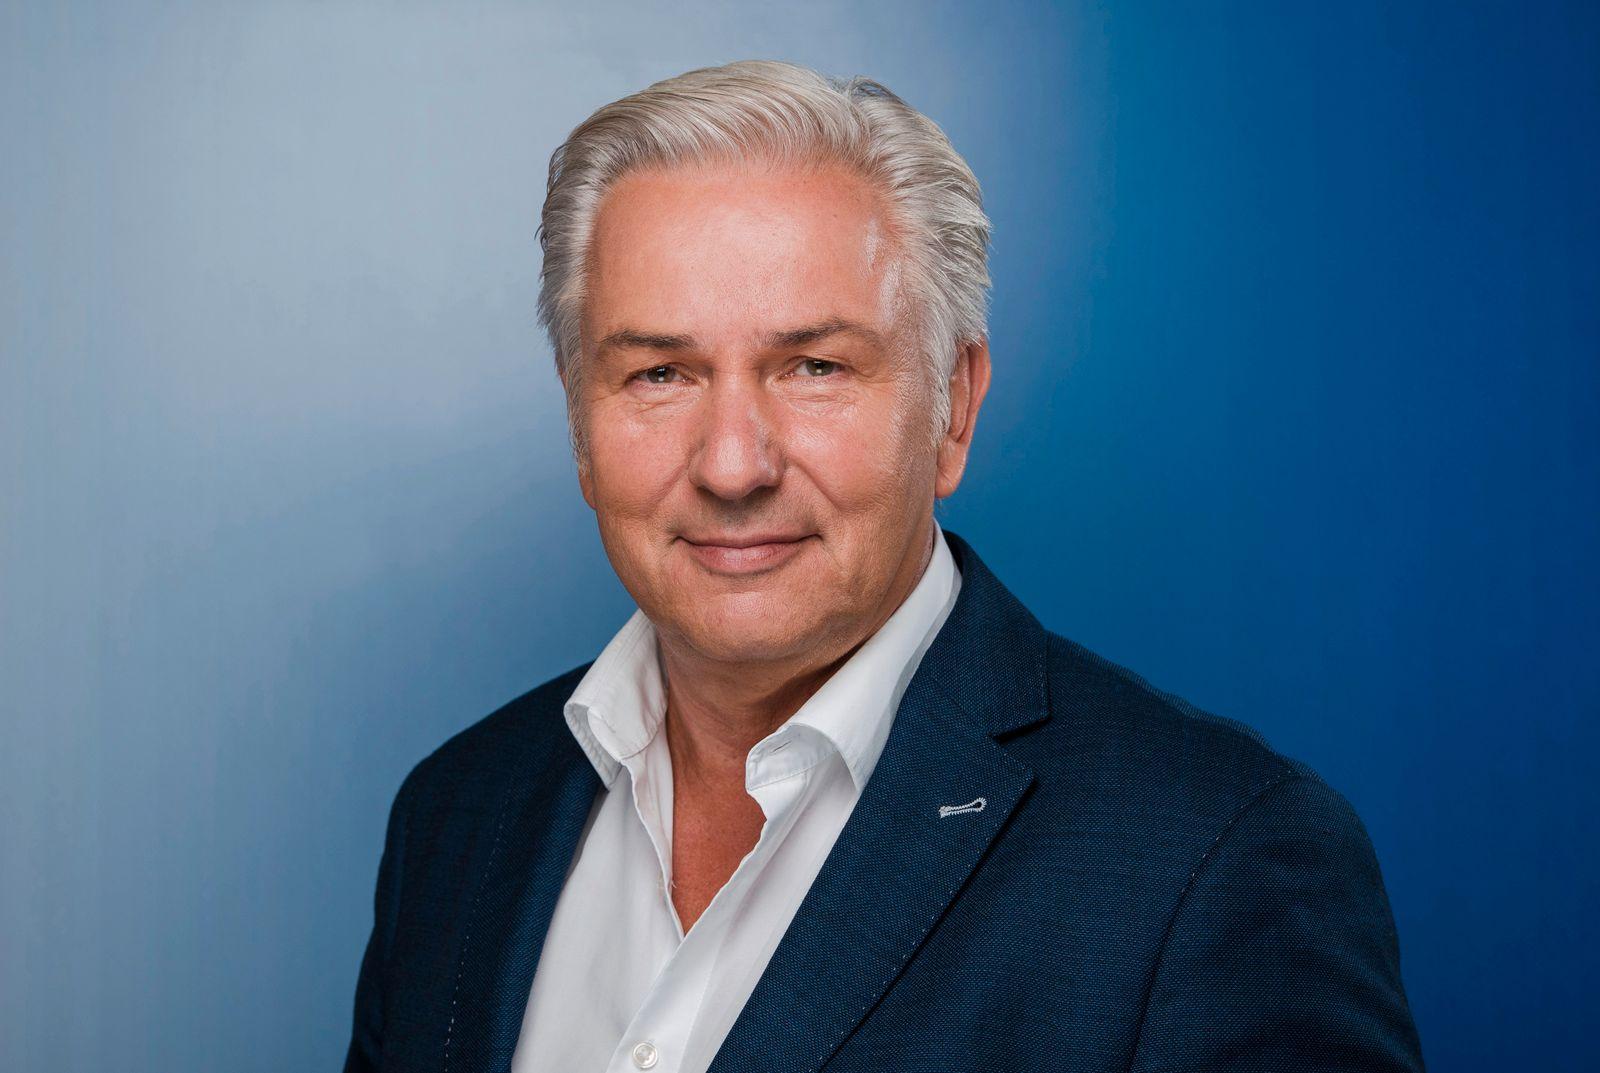 Politiker a.D. und Autor Klaus Wowereit